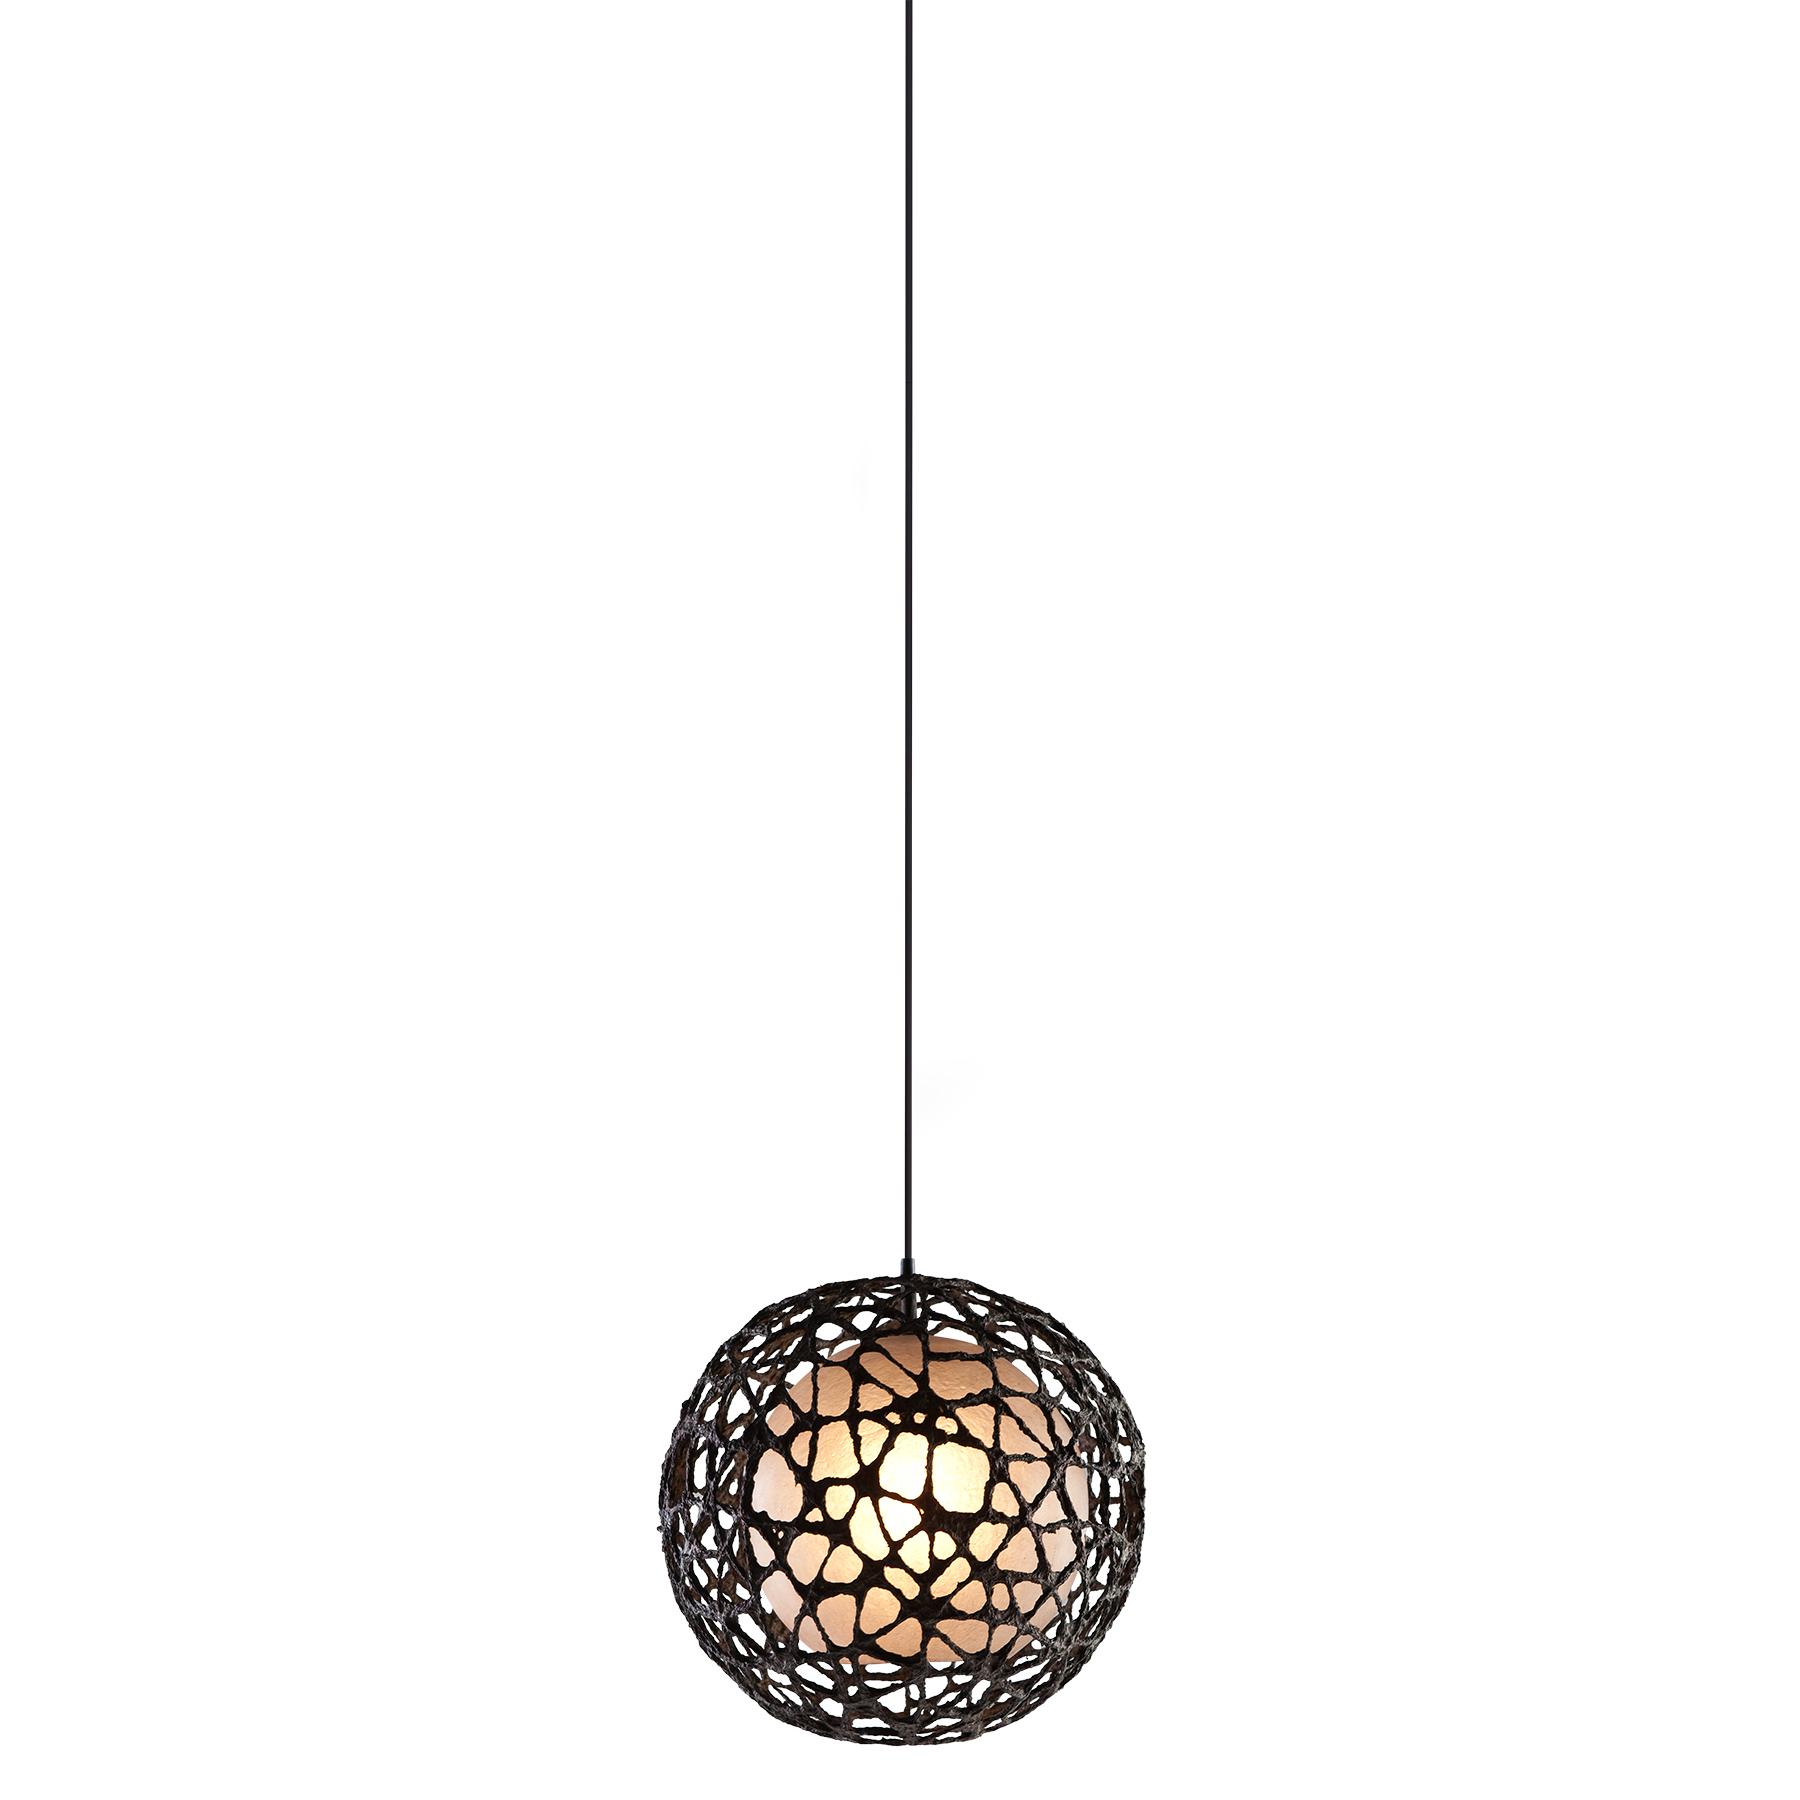 Suspension lamps cu c-me round pendant lamp by hive |  lpcc-1515 JHIBROC